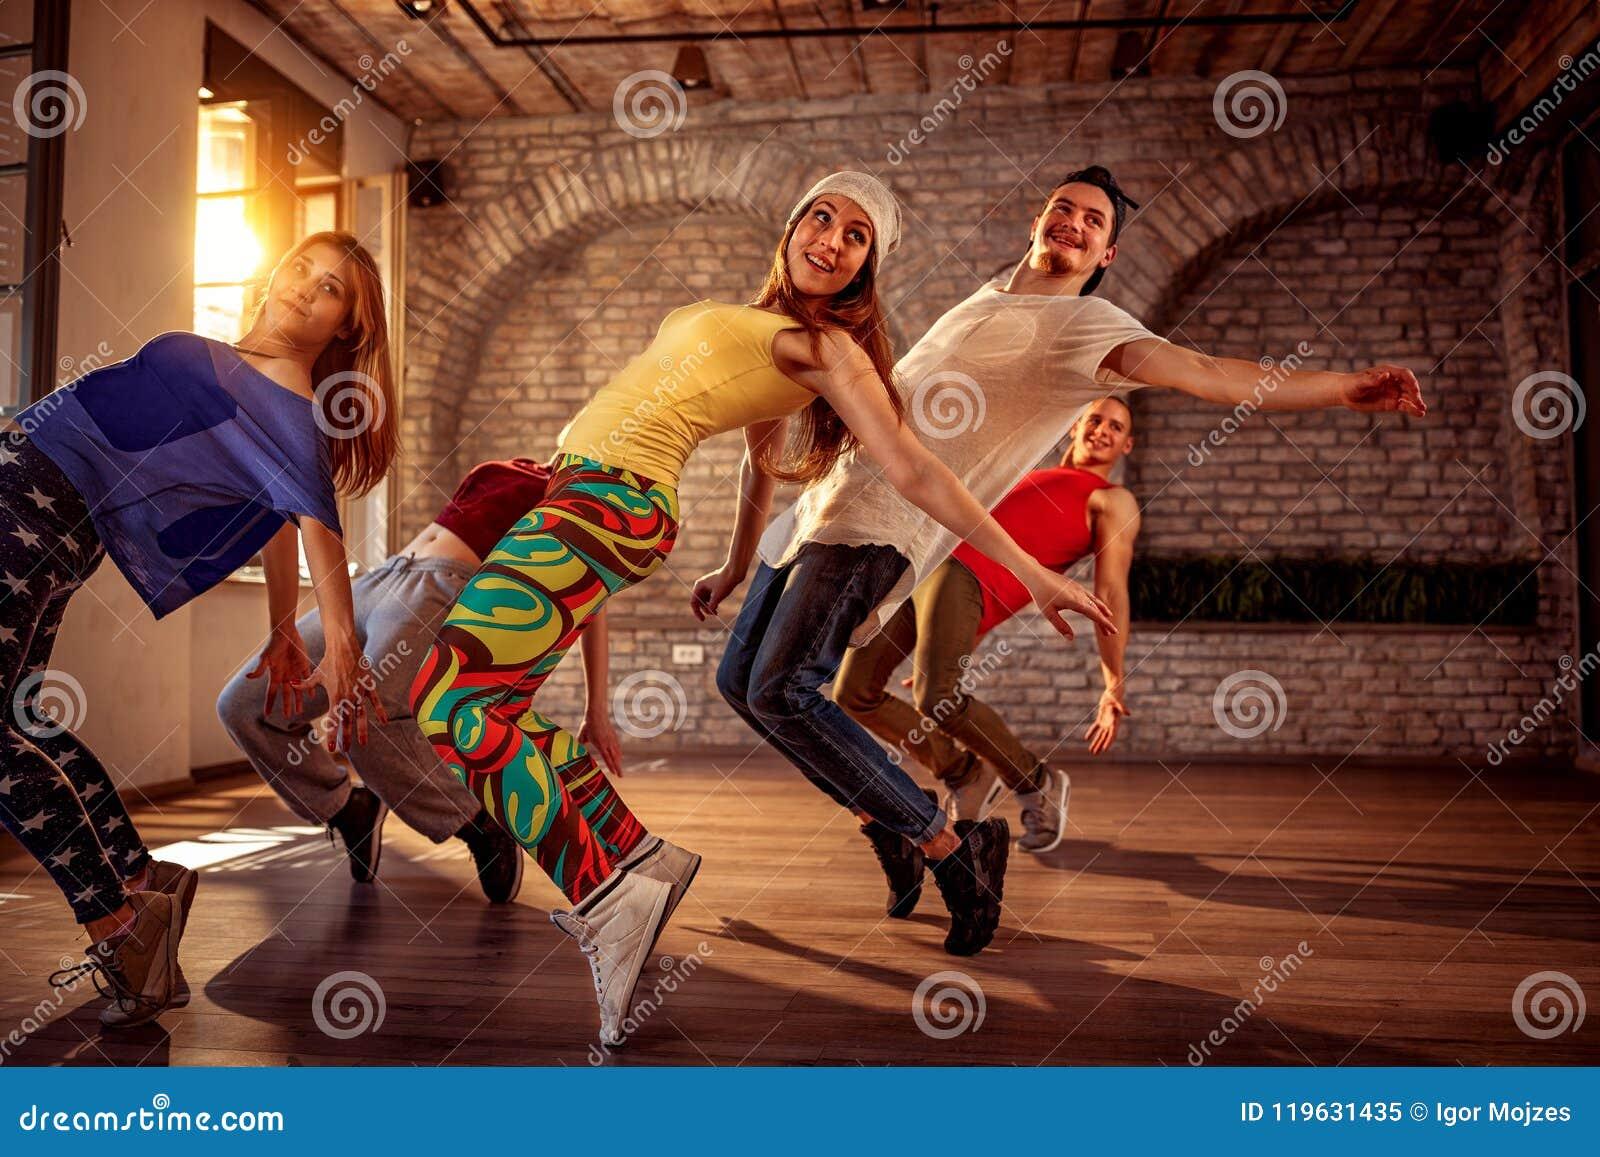 激情舞蹈队-行使舞蹈火车的都市Hip Hop舞蹈家